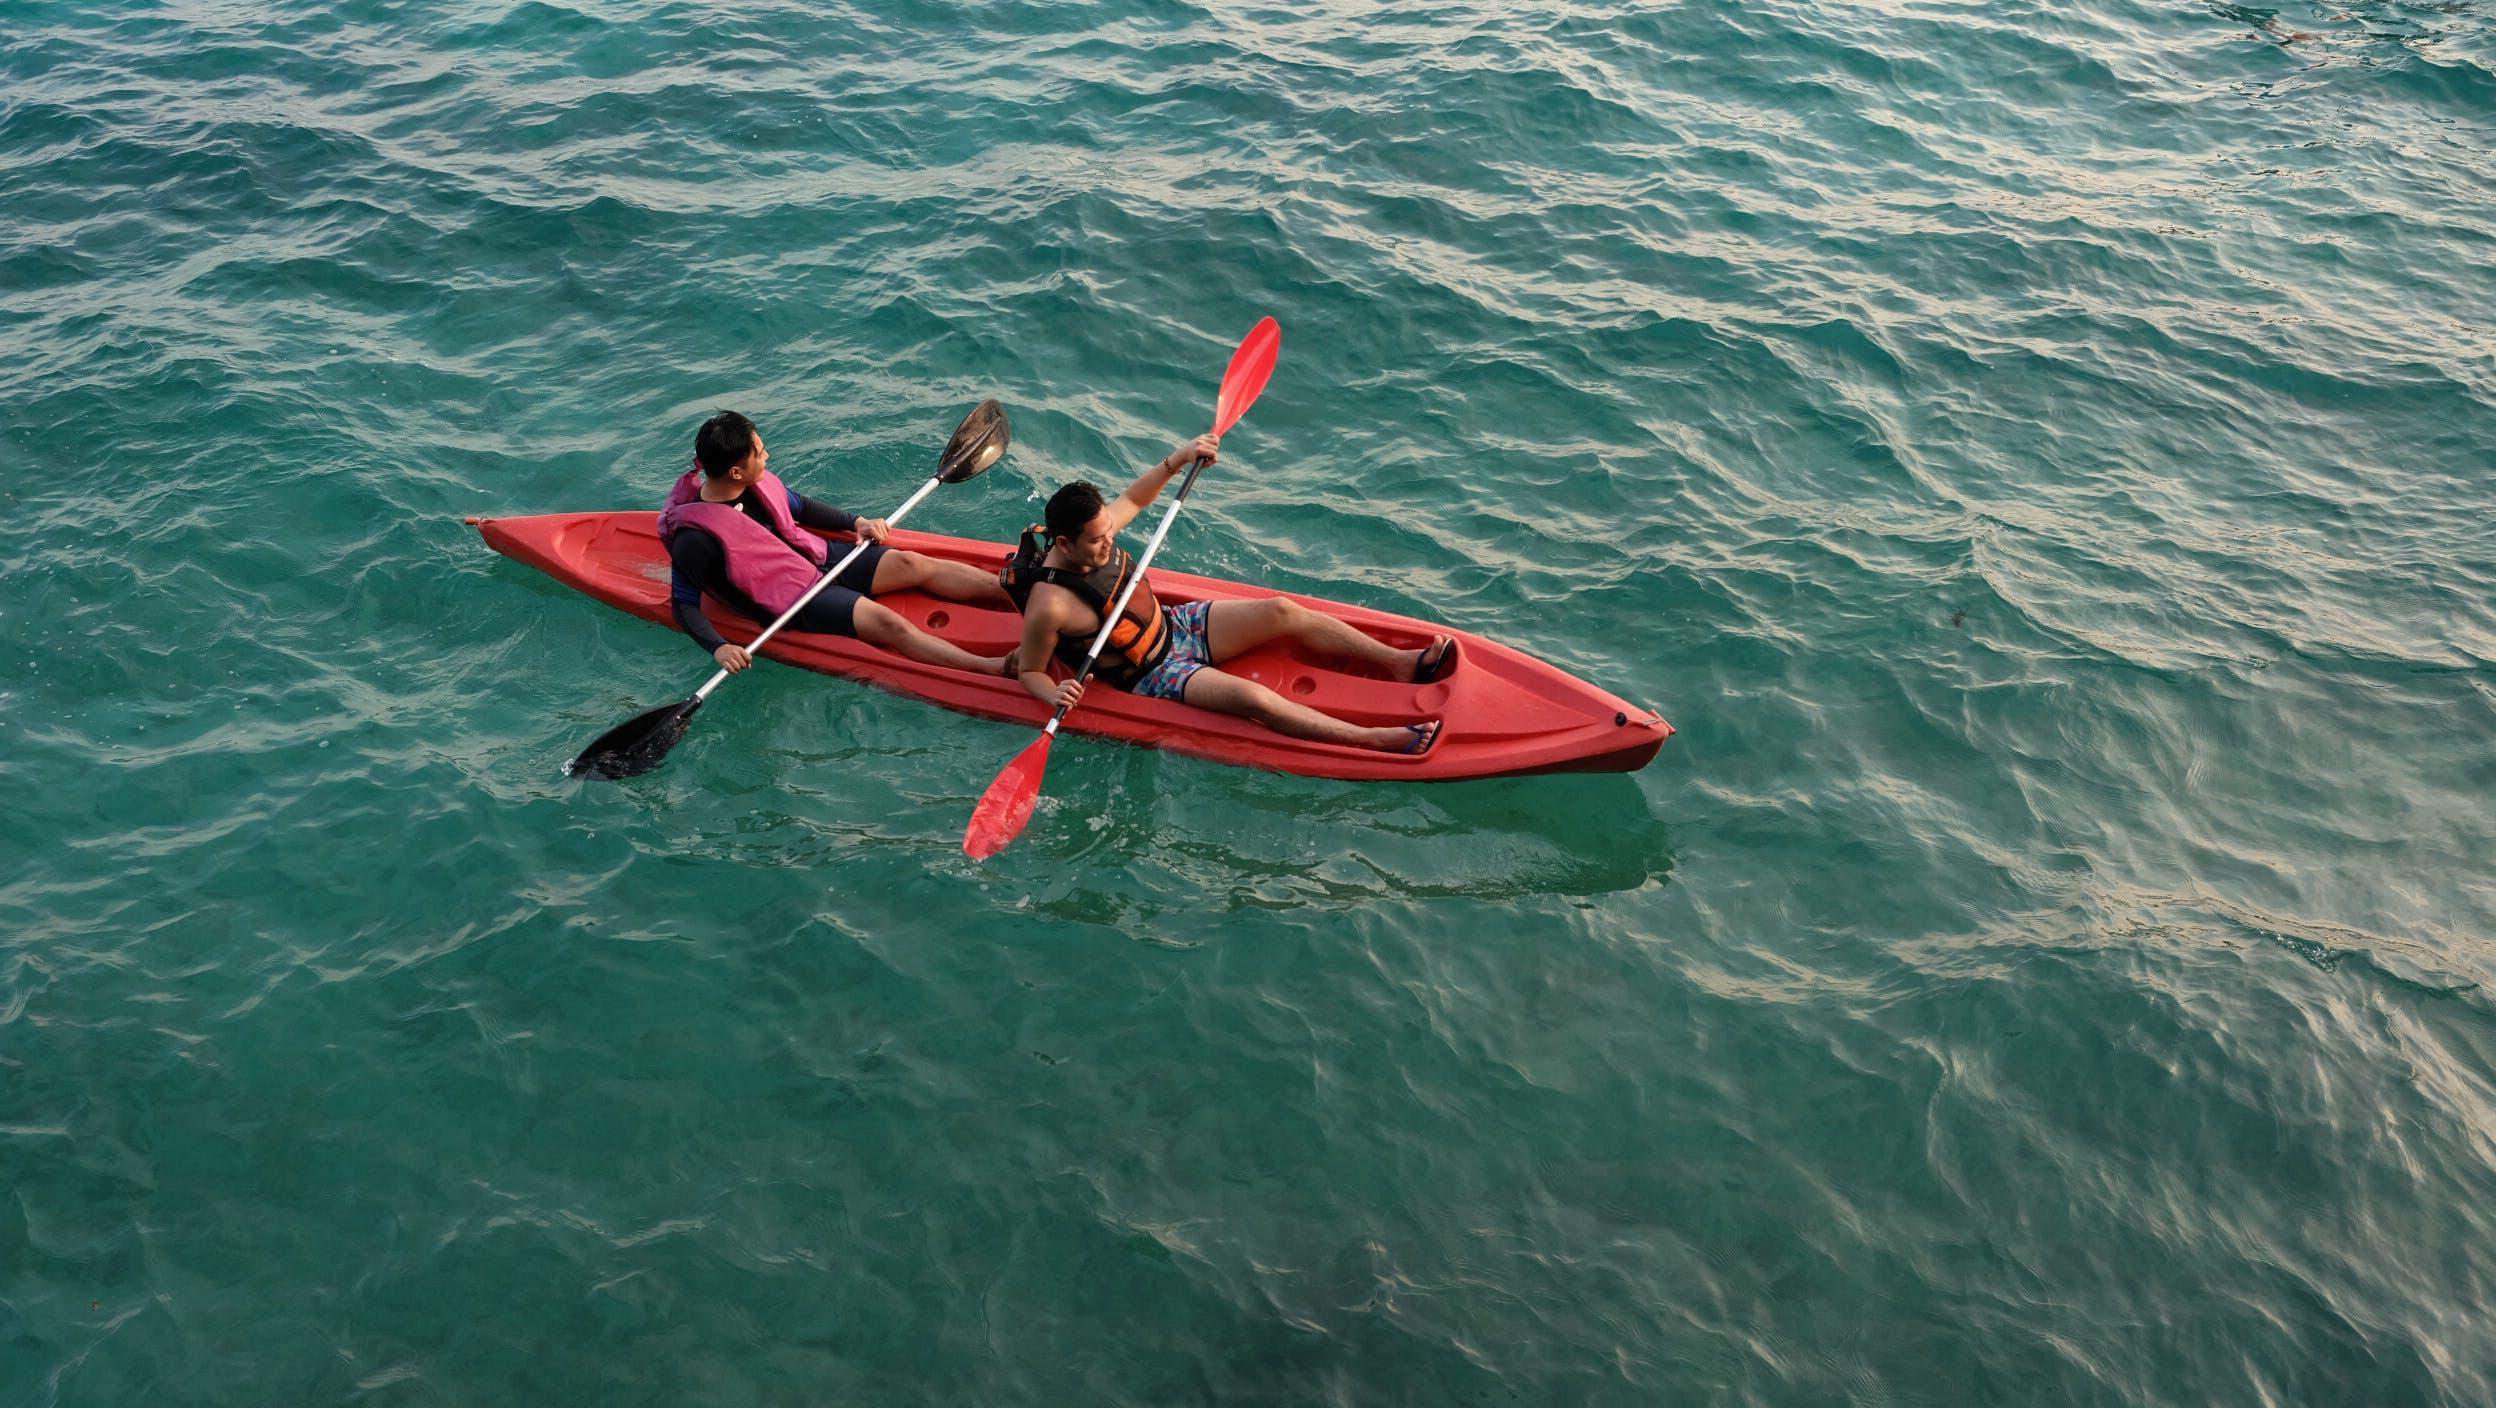 Free stock photo of kayaking